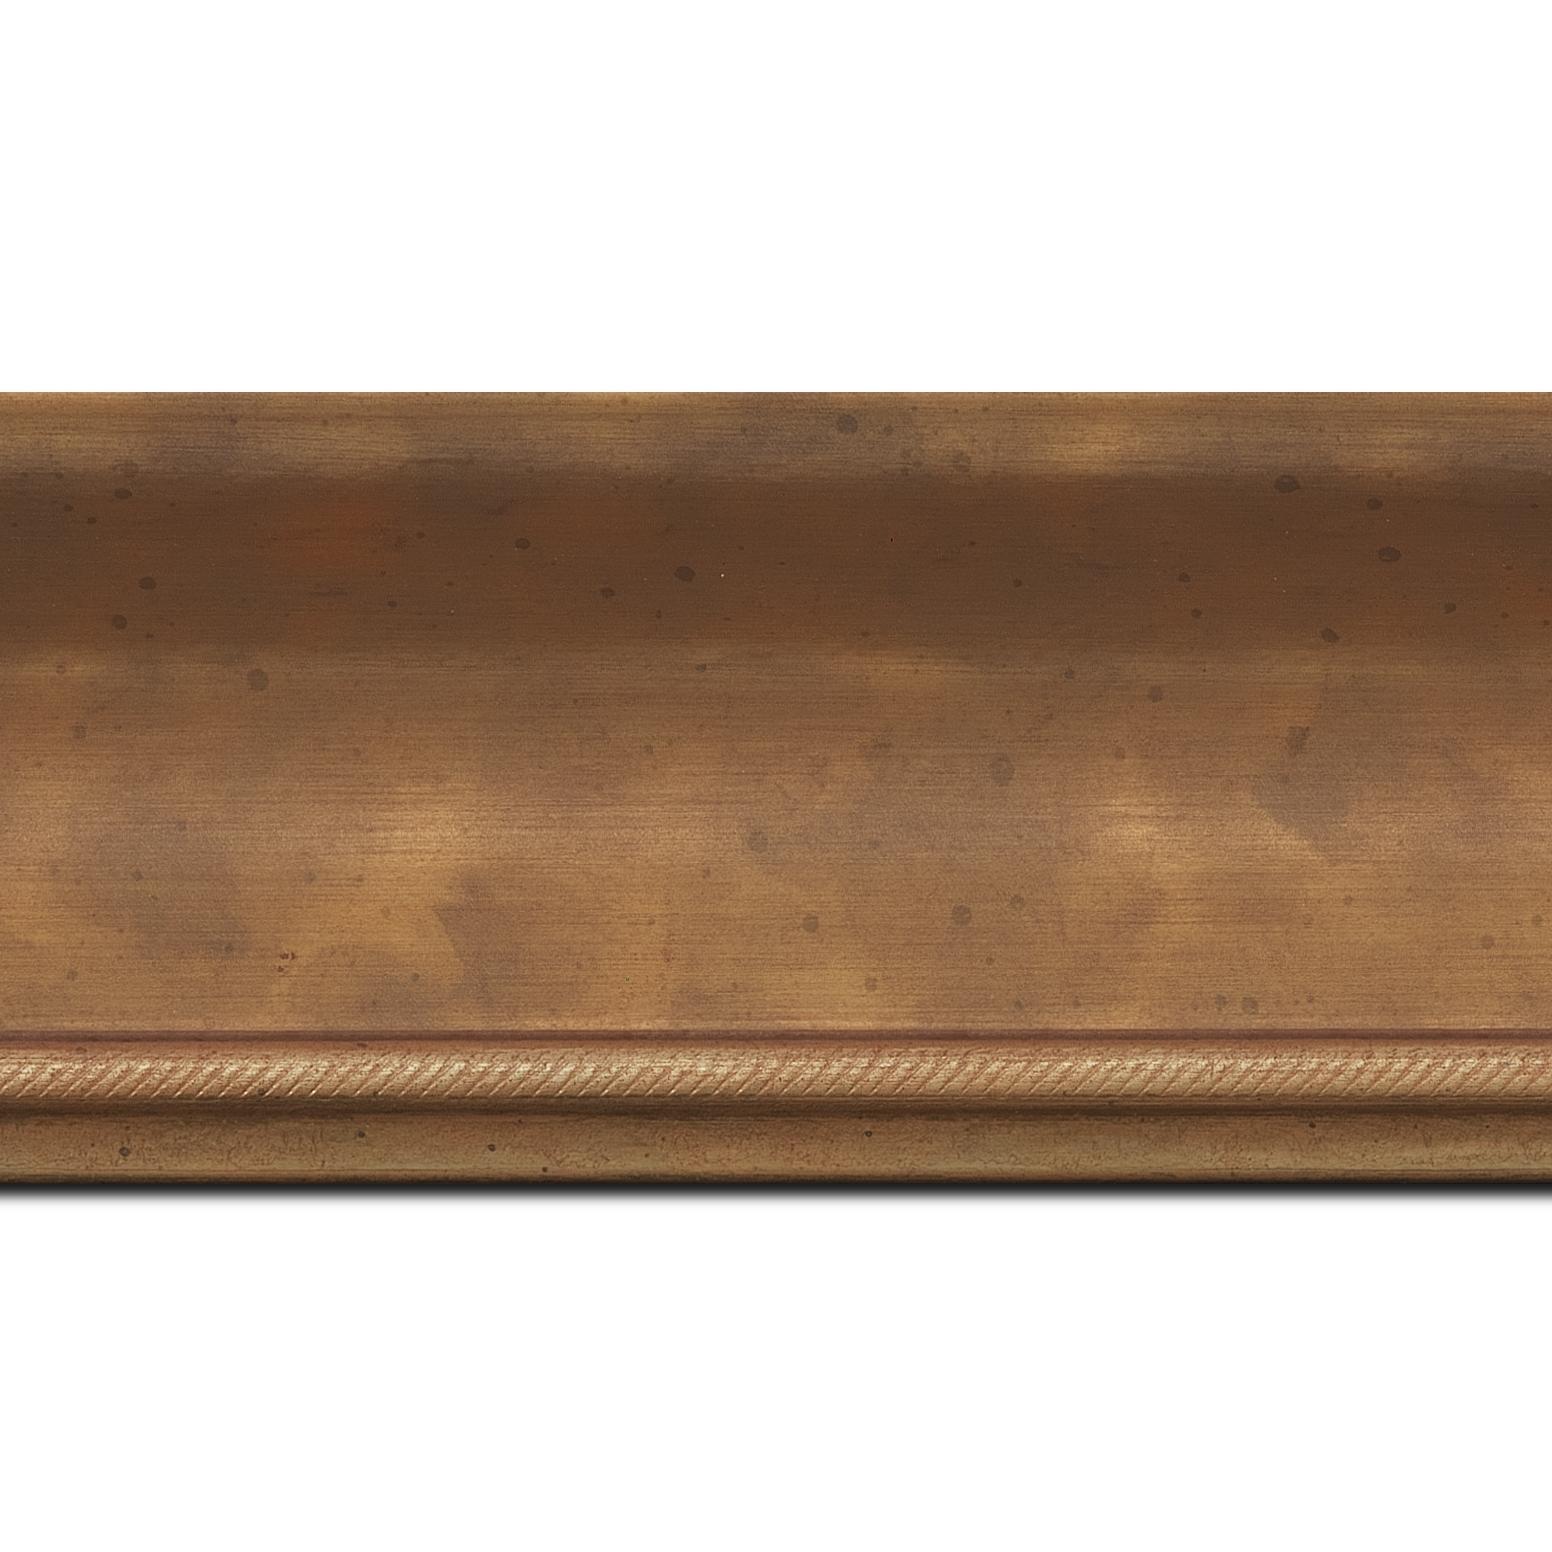 Pack par 12m, bois profil incurvé largeur 7.5cm de couleur or finition antique filet or(longueur baguette pouvant varier entre 2.40m et 3m selon arrivage des bois)